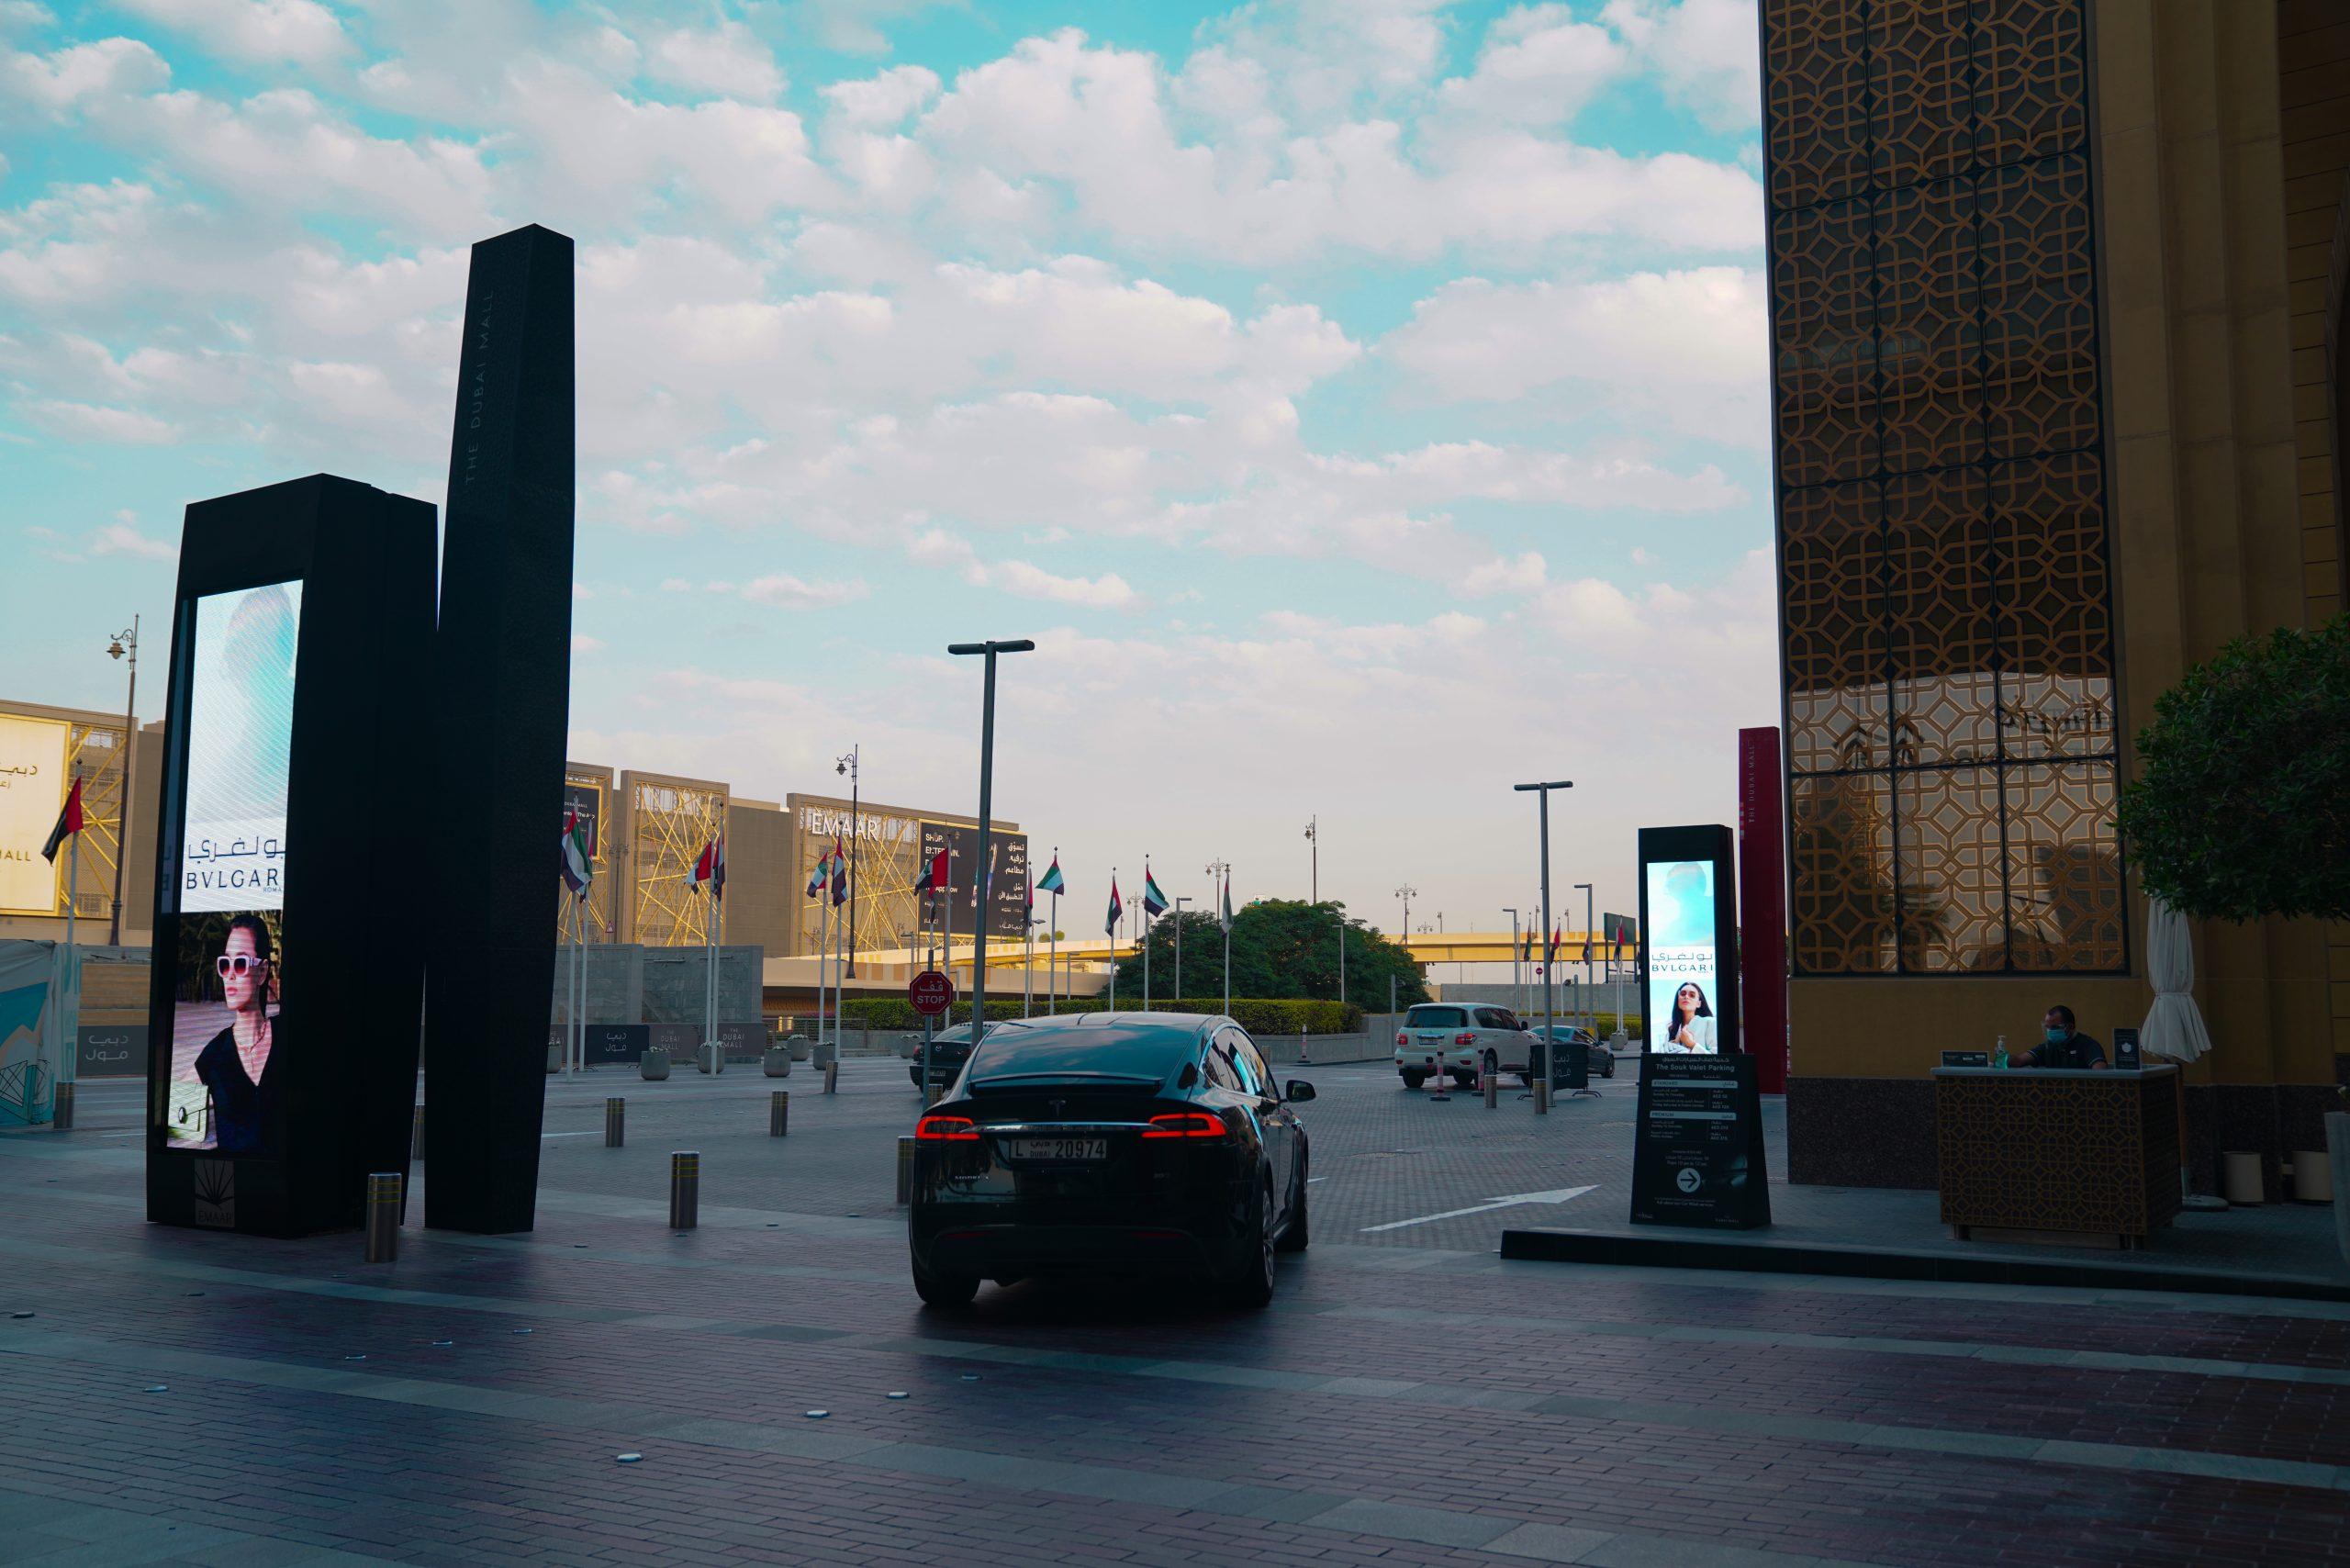 A shopping mall building in Dubai